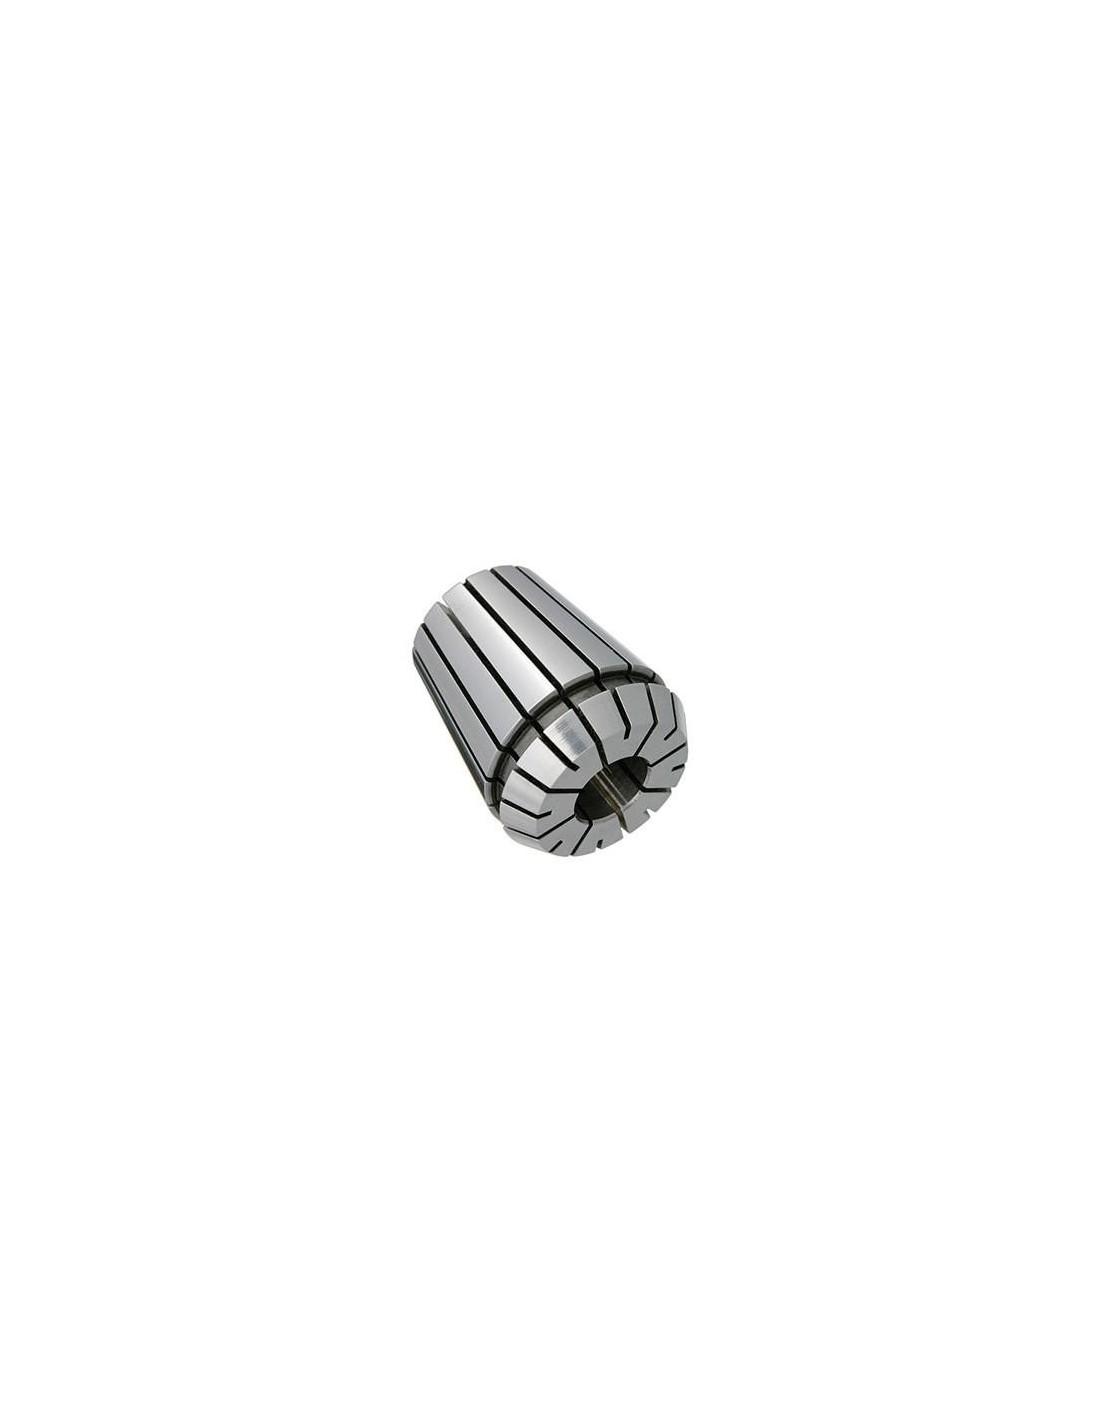 Bucsa elastica Canela tip ER 25, DIN 6499B, 2,5 mm